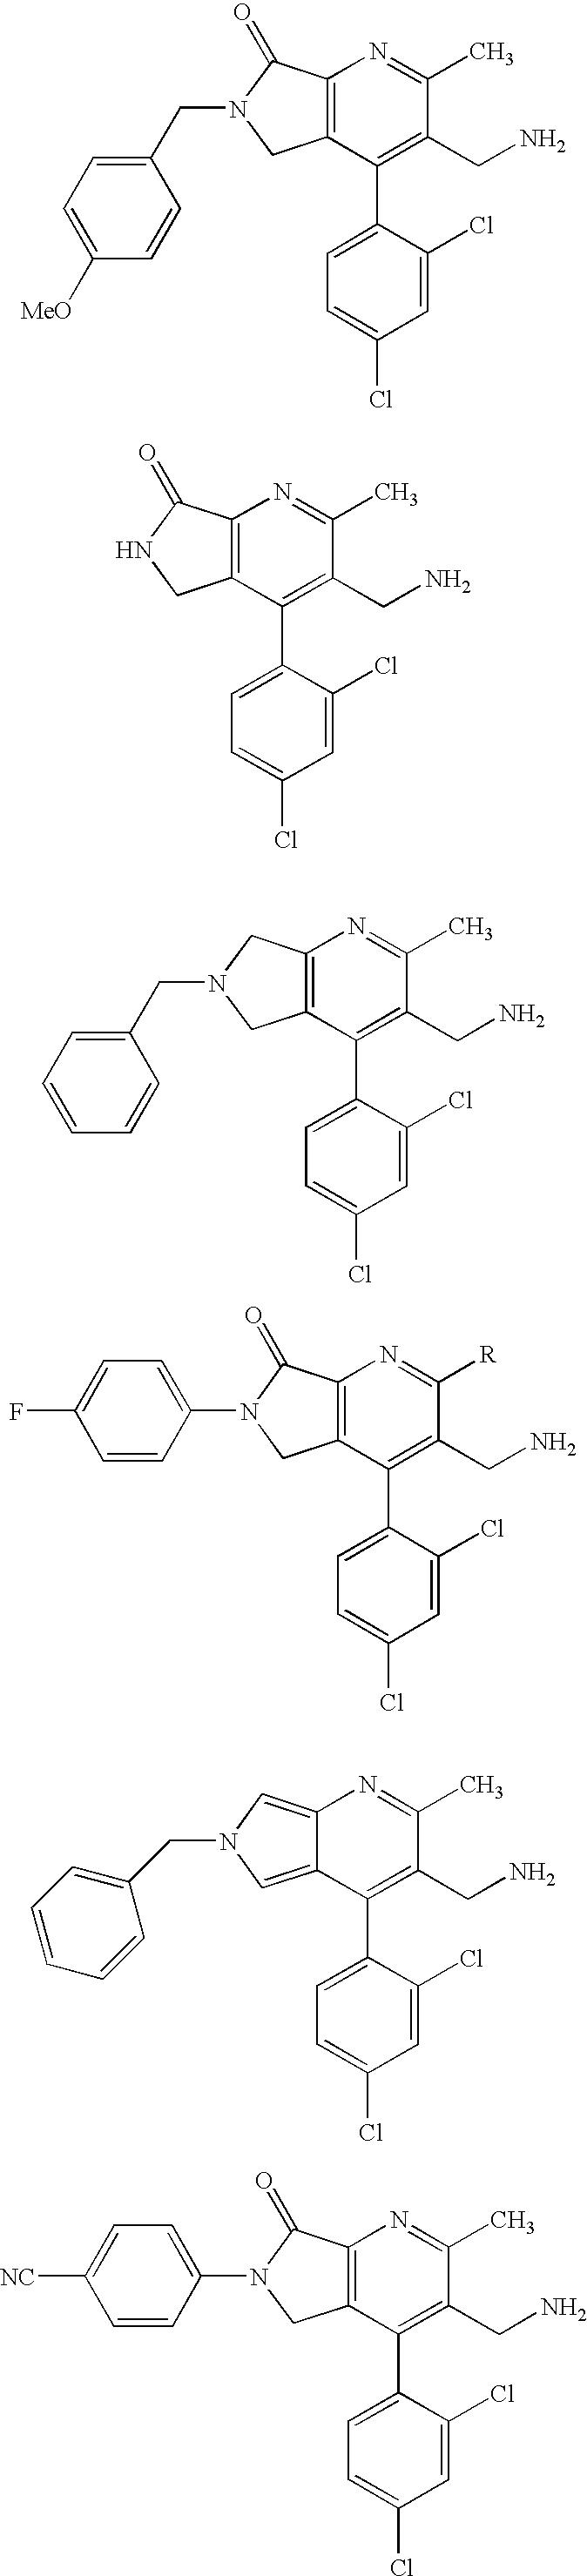 Figure US07521557-20090421-C00005